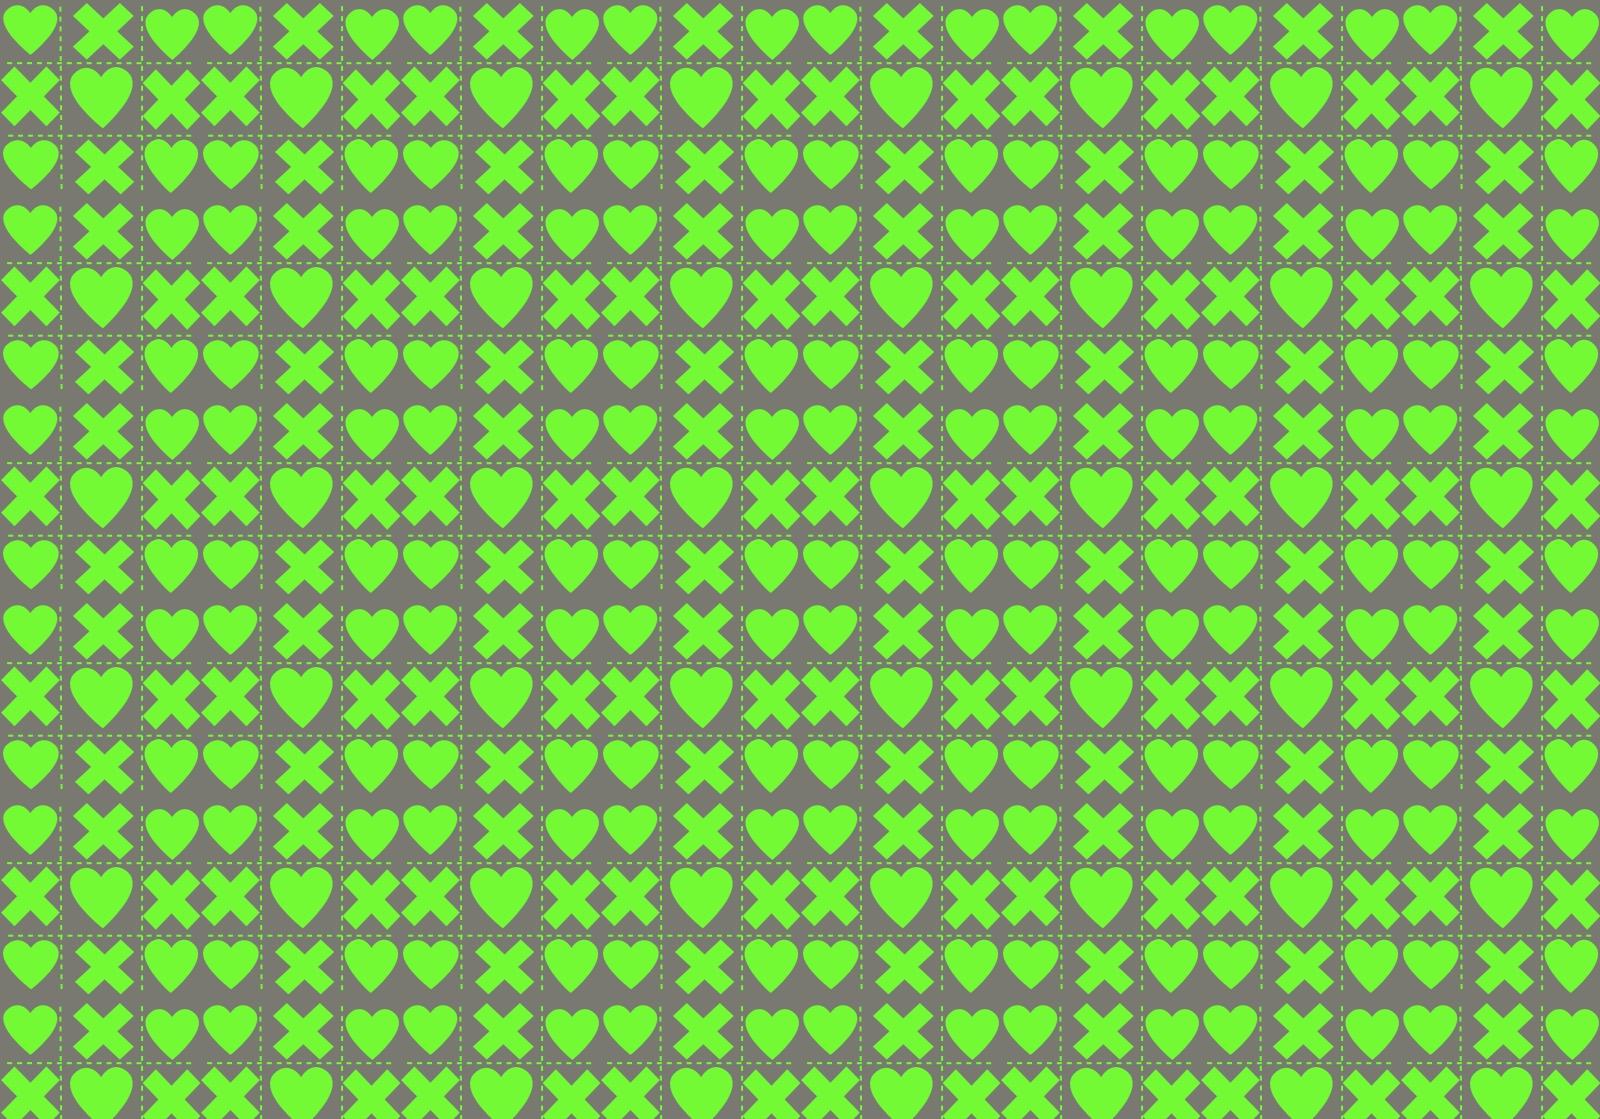 67424 скачать обои Сердца, Кресты, Текстуры, Зеленый, Квадраты - заставки и картинки бесплатно